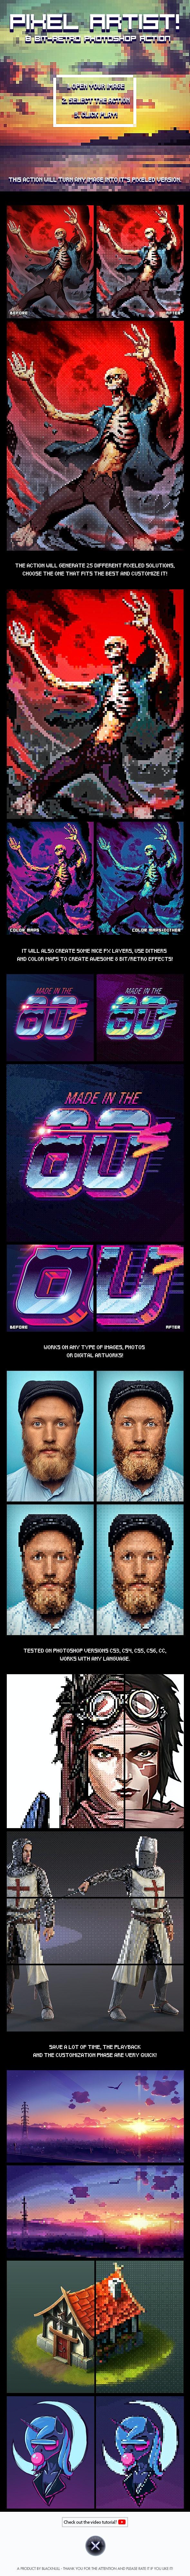 Pixel Artist - 8 Bit Retro - Photoshop Action - Photo Effects Actions